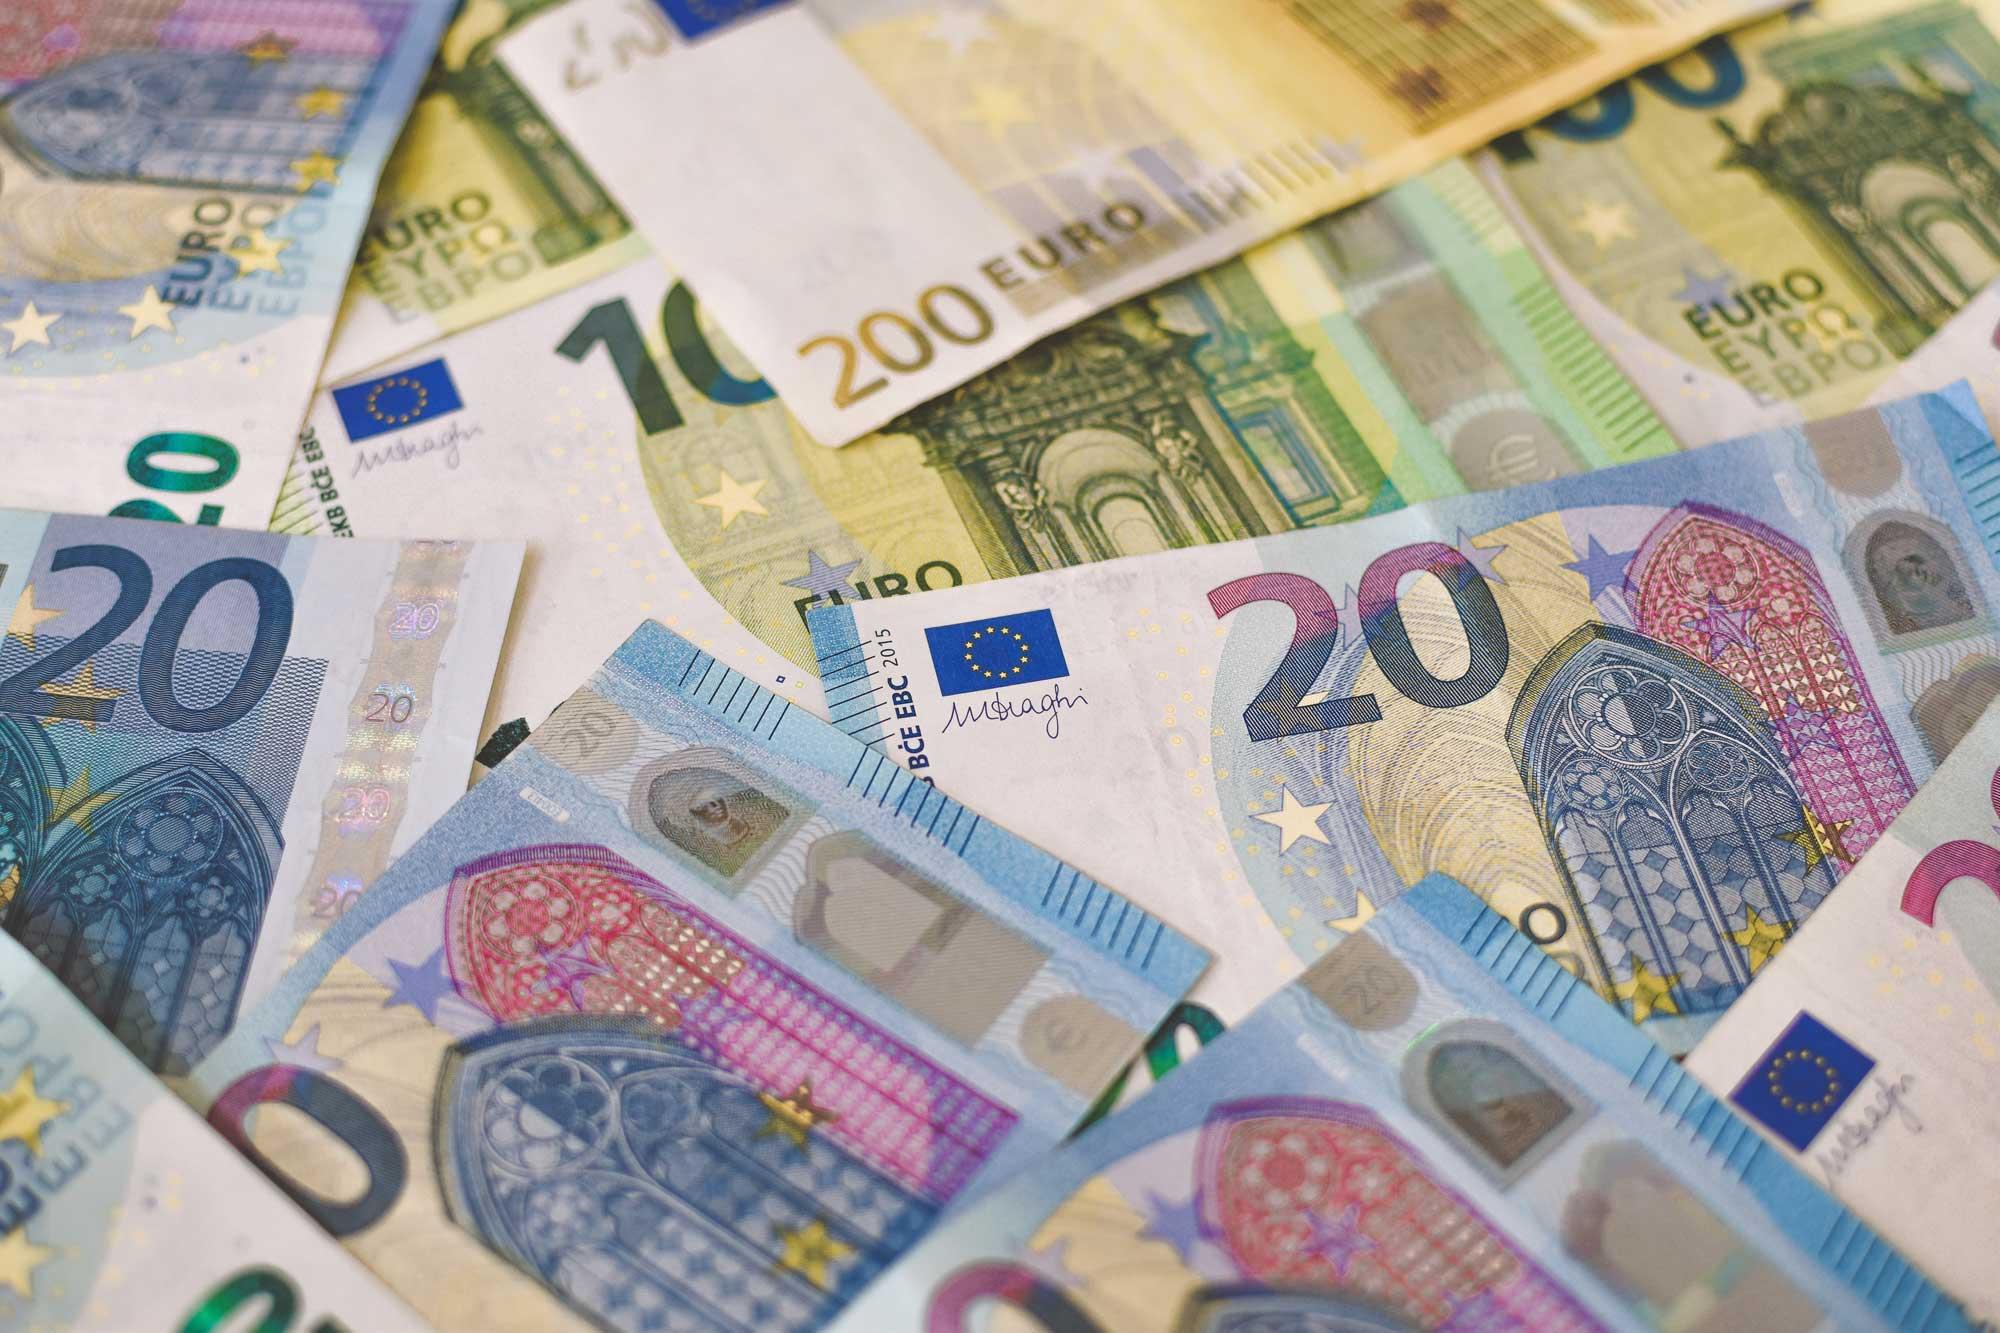 Chiudere un debito: procedura saldo e stralcio Bergamo e Provincia di Bergamo | Avvocato Paolo Corvino | studiolegalecorvino.it